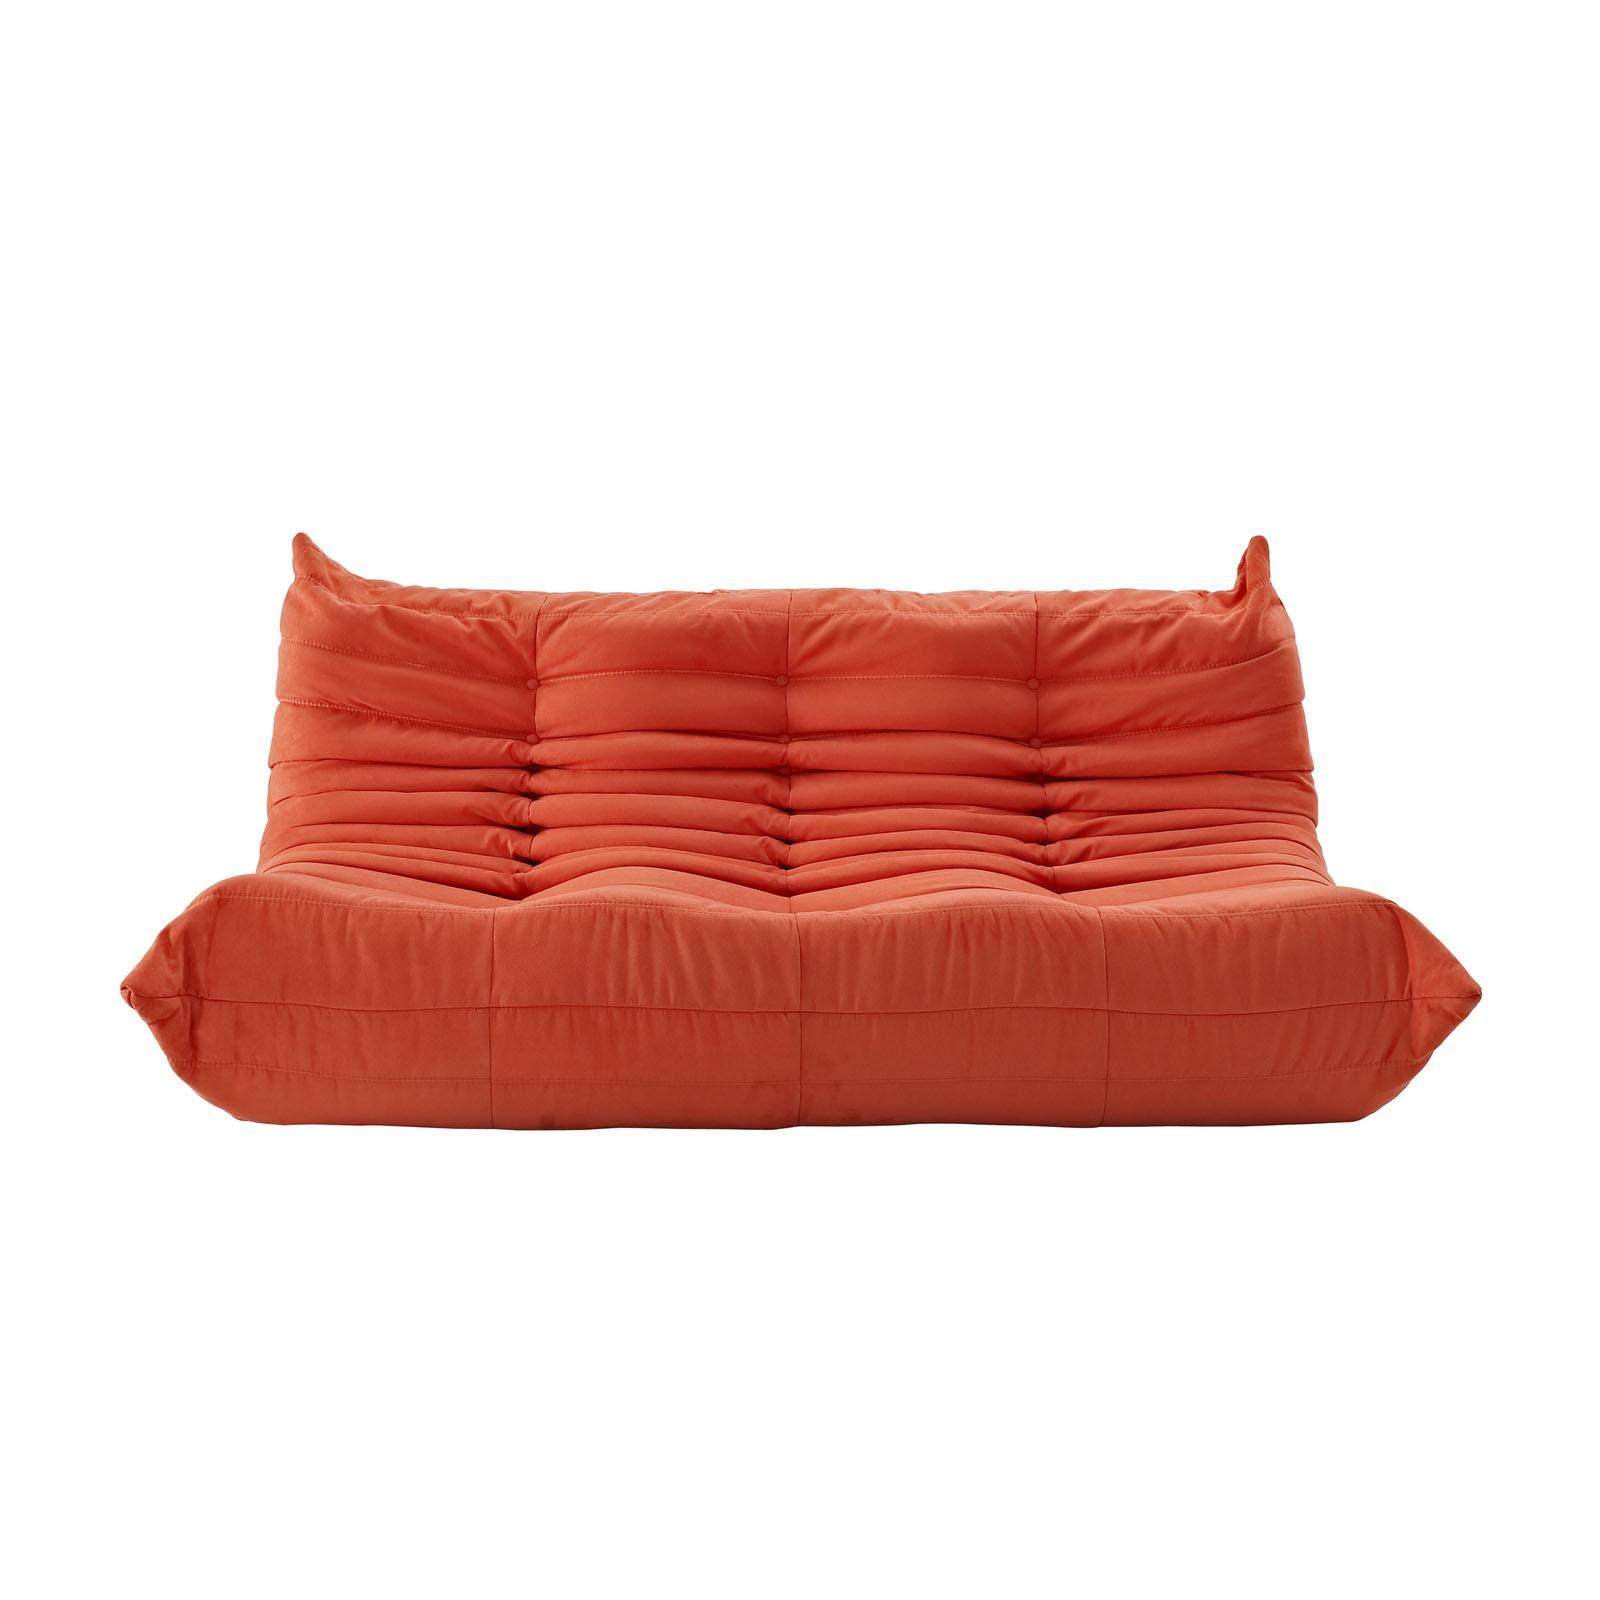 Waverunner Sofa Couch